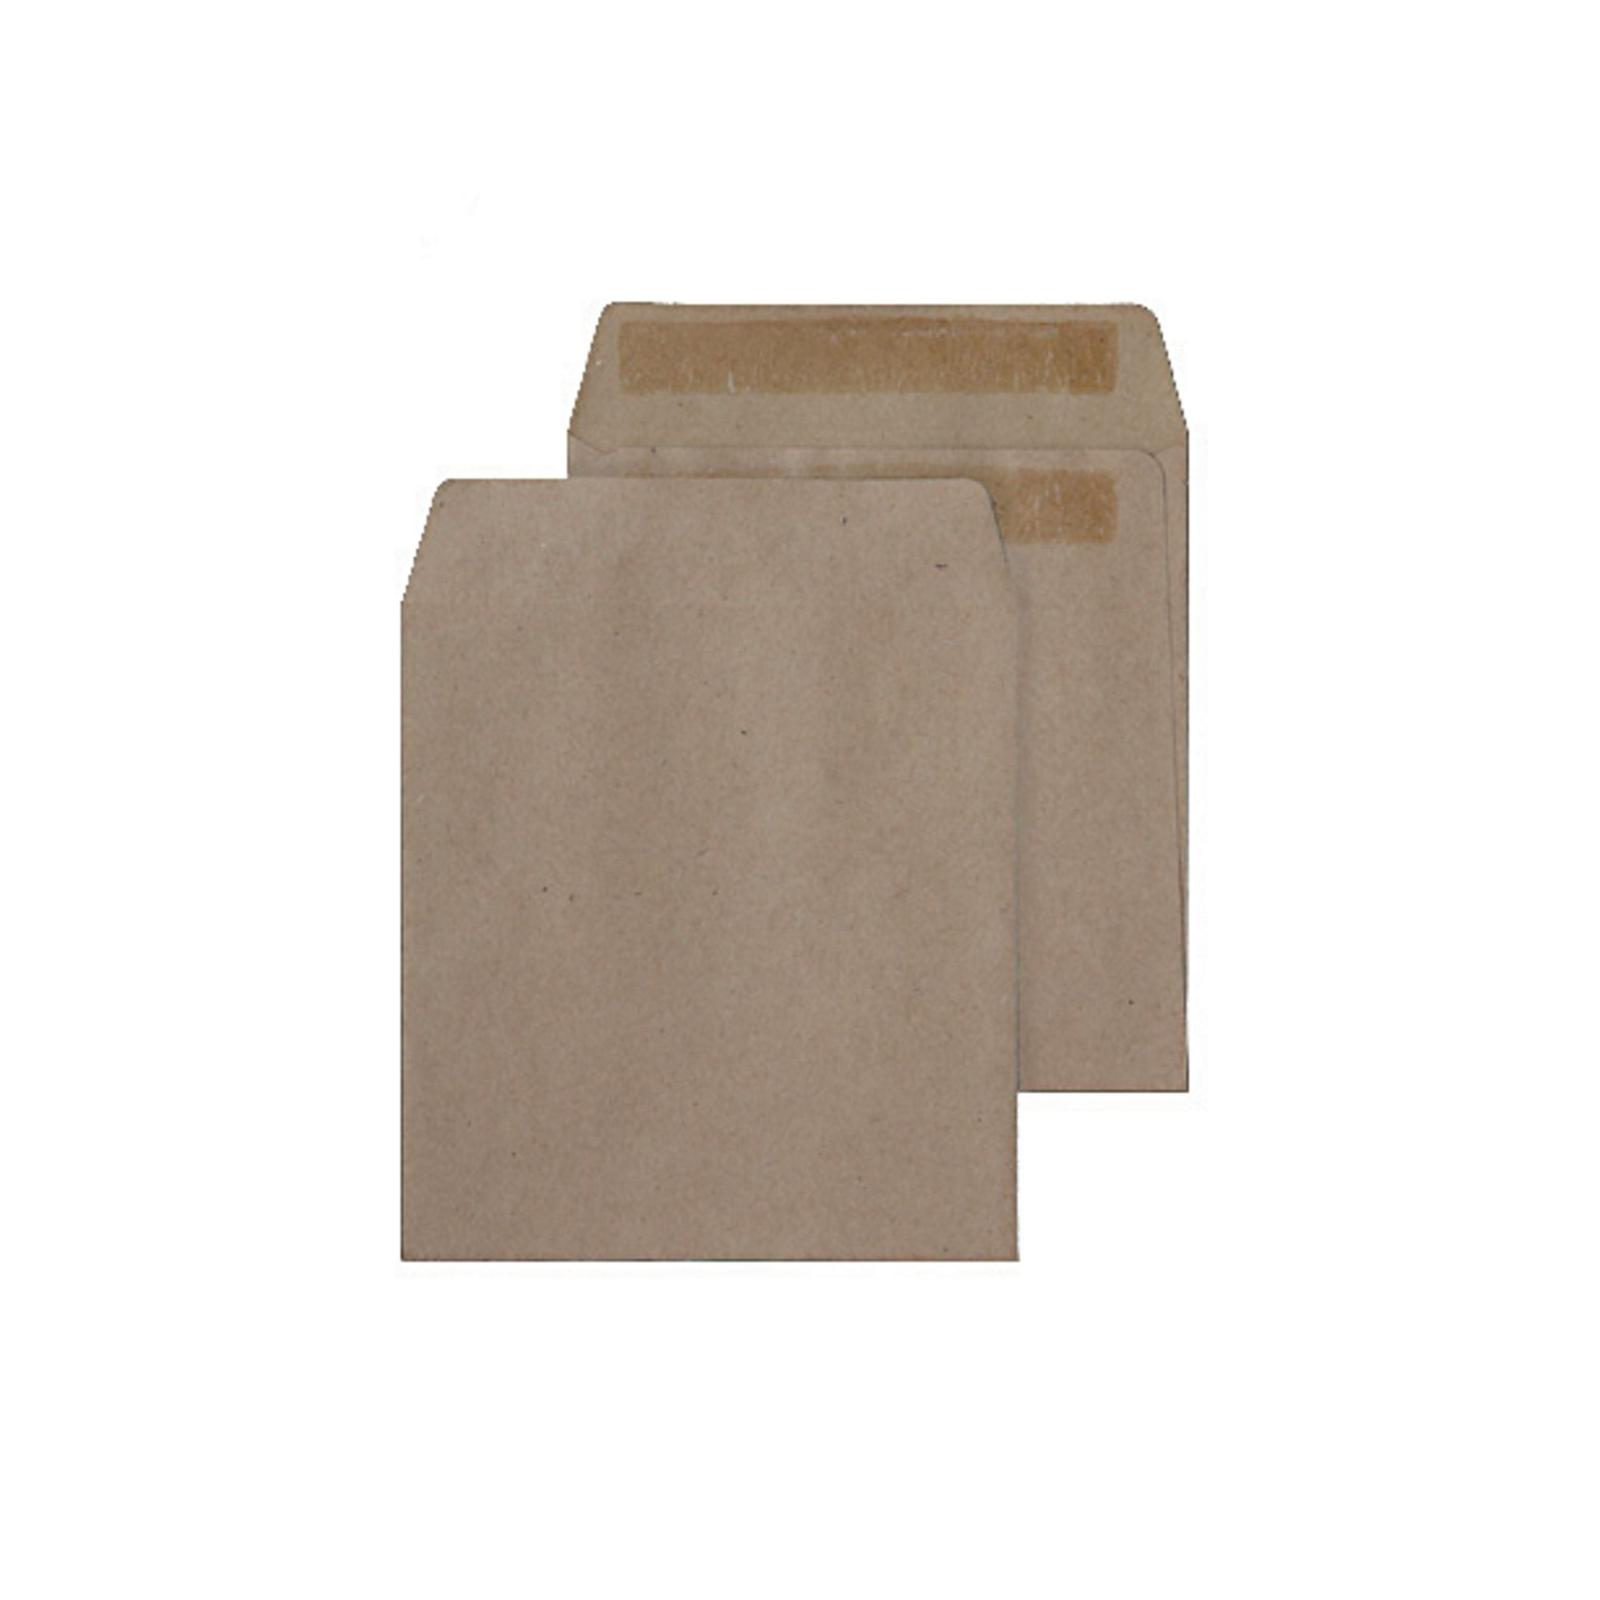 Manilla Buff Gummed Pocket Envelopes - Box of 1000